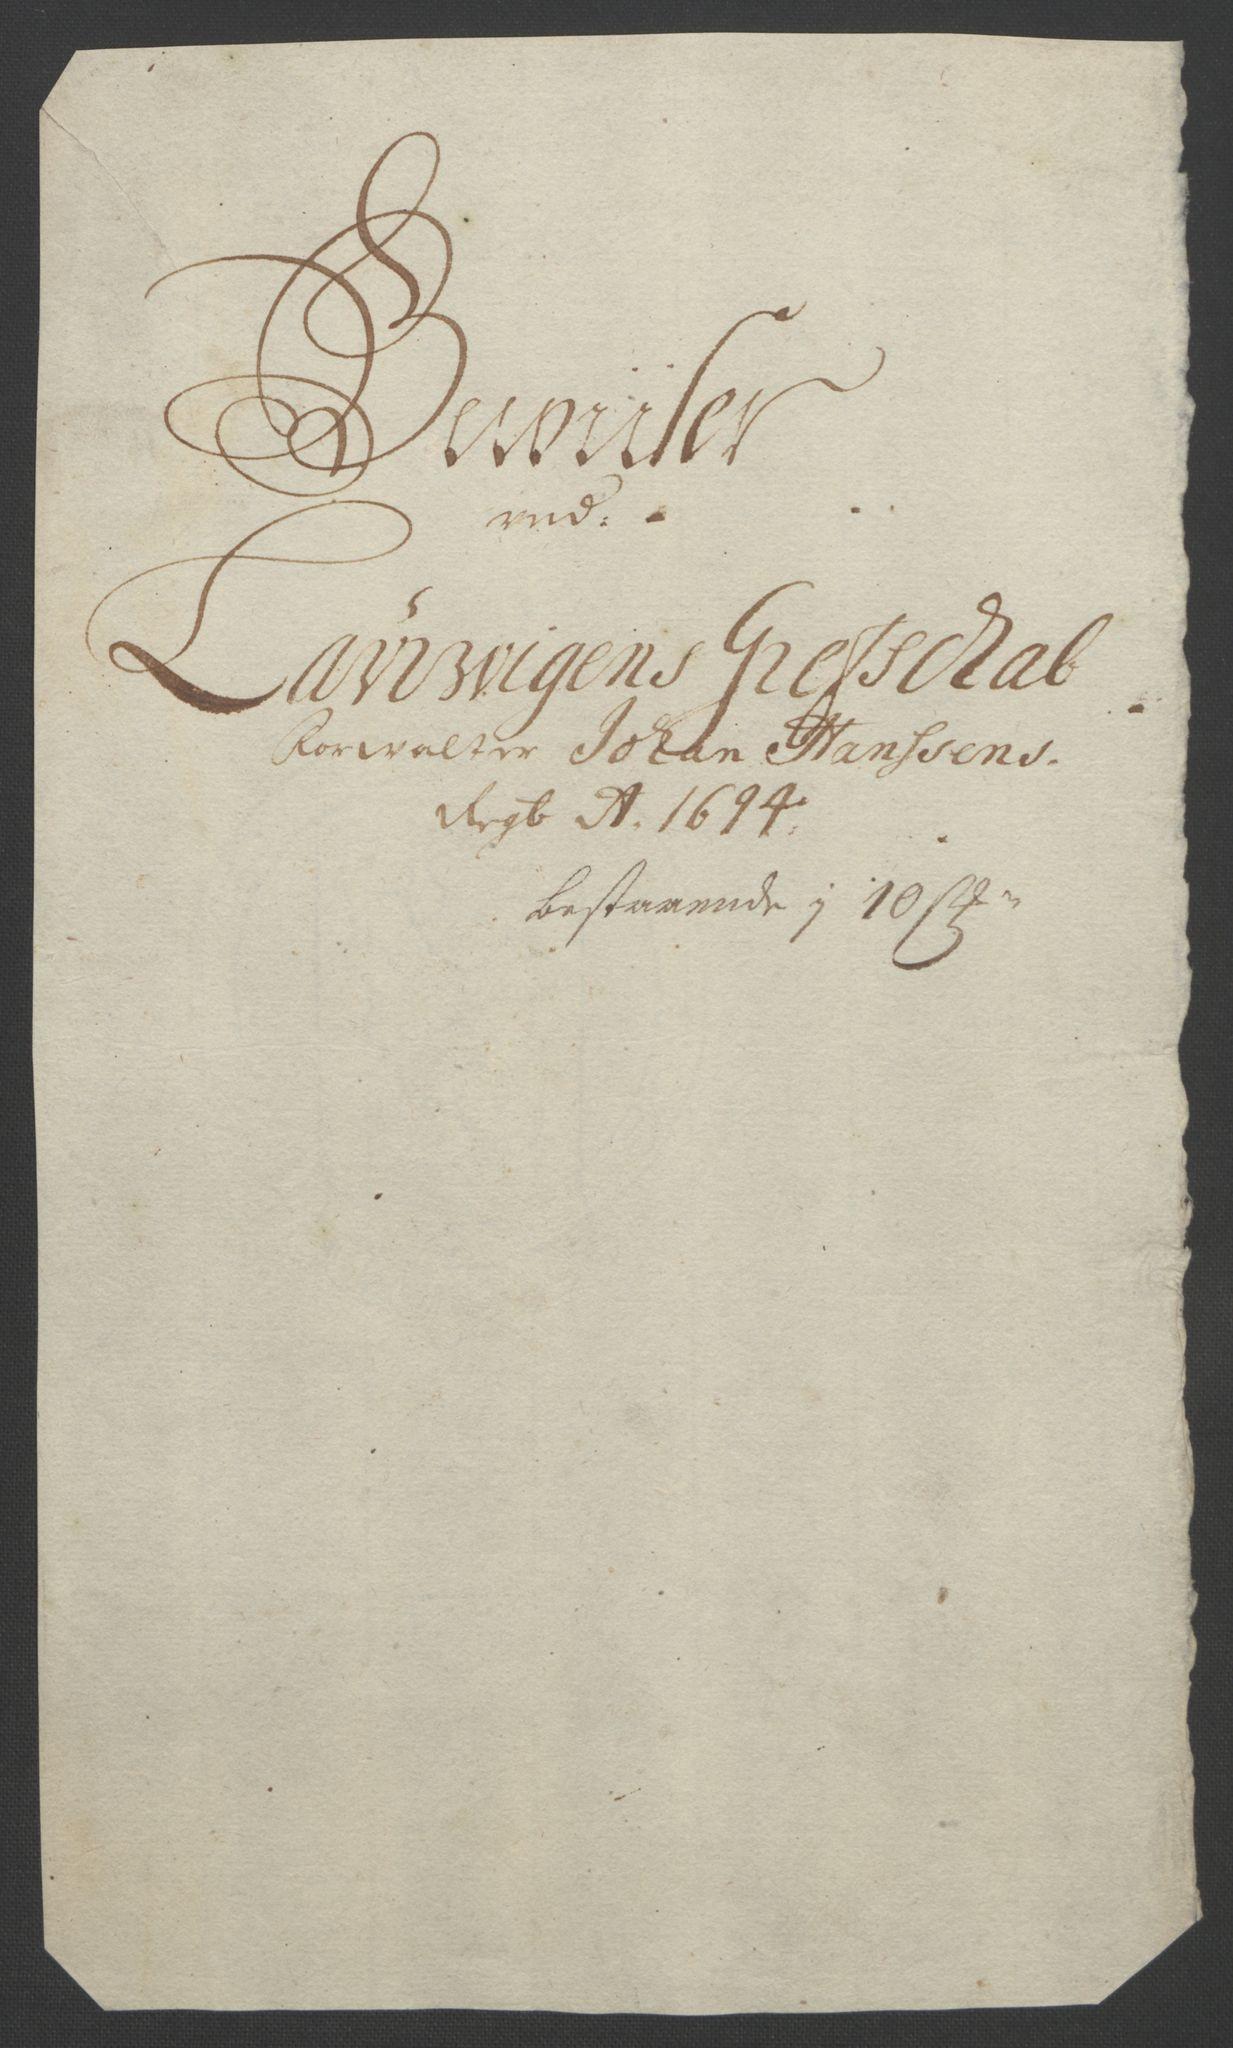 RA, Rentekammeret inntil 1814, Reviderte regnskaper, Fogderegnskap, R33/L1974: Fogderegnskap Larvik grevskap, 1693-1695, s. 174